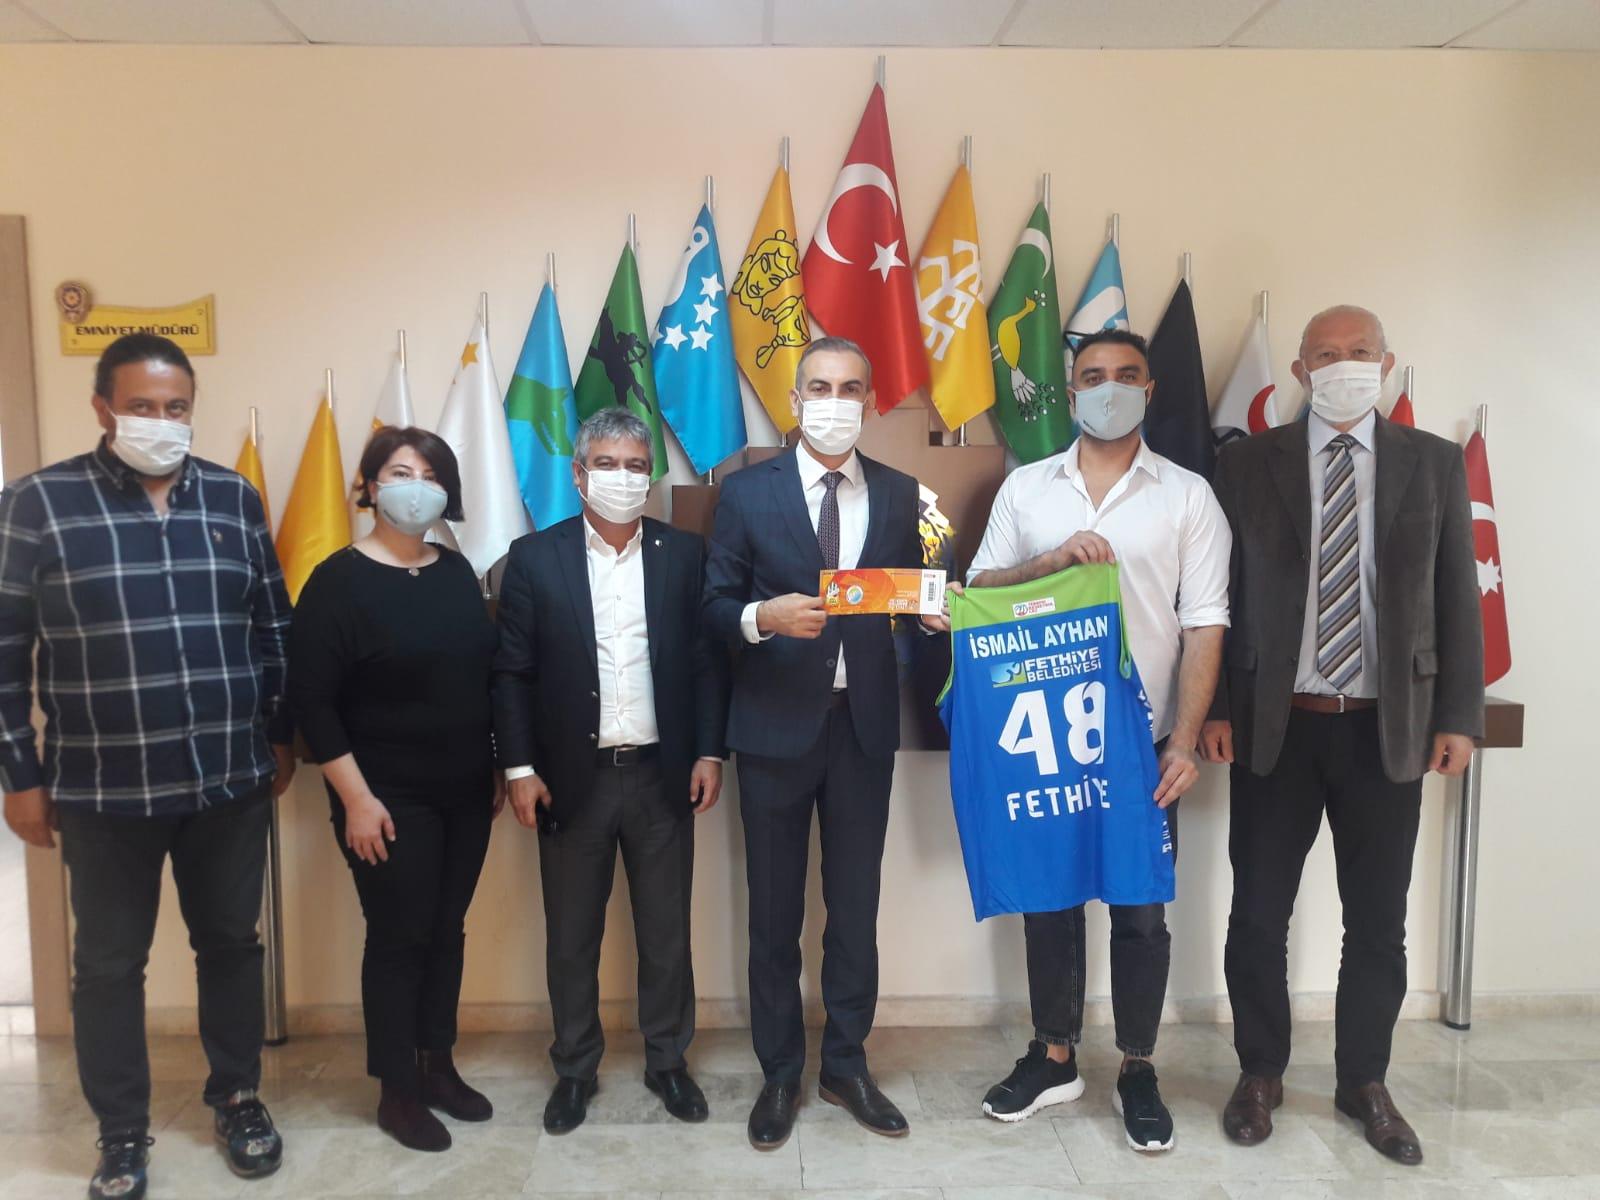 LH Fethiye Belediyespor yönetiminden İlçe Emniyet Müdürü Ayhan'a ziyaret